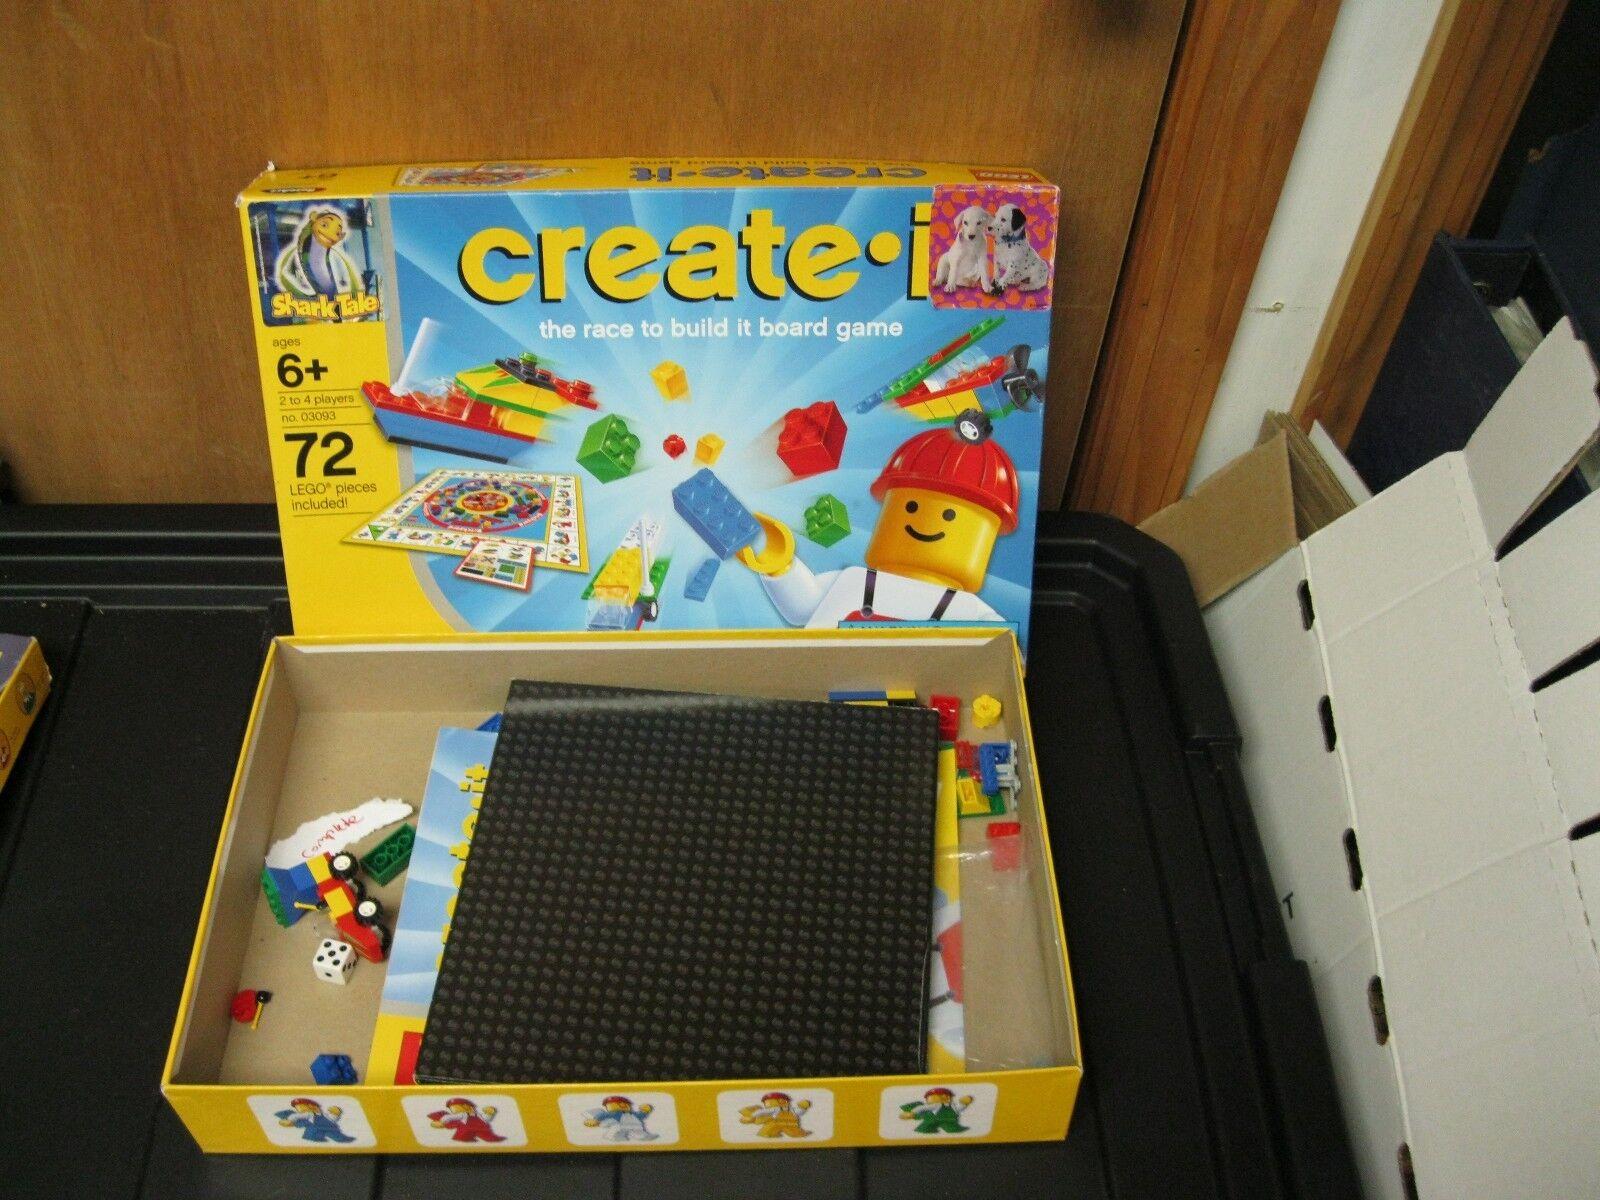 Lego - spiel zu bauen create-it rennen spiel komplett